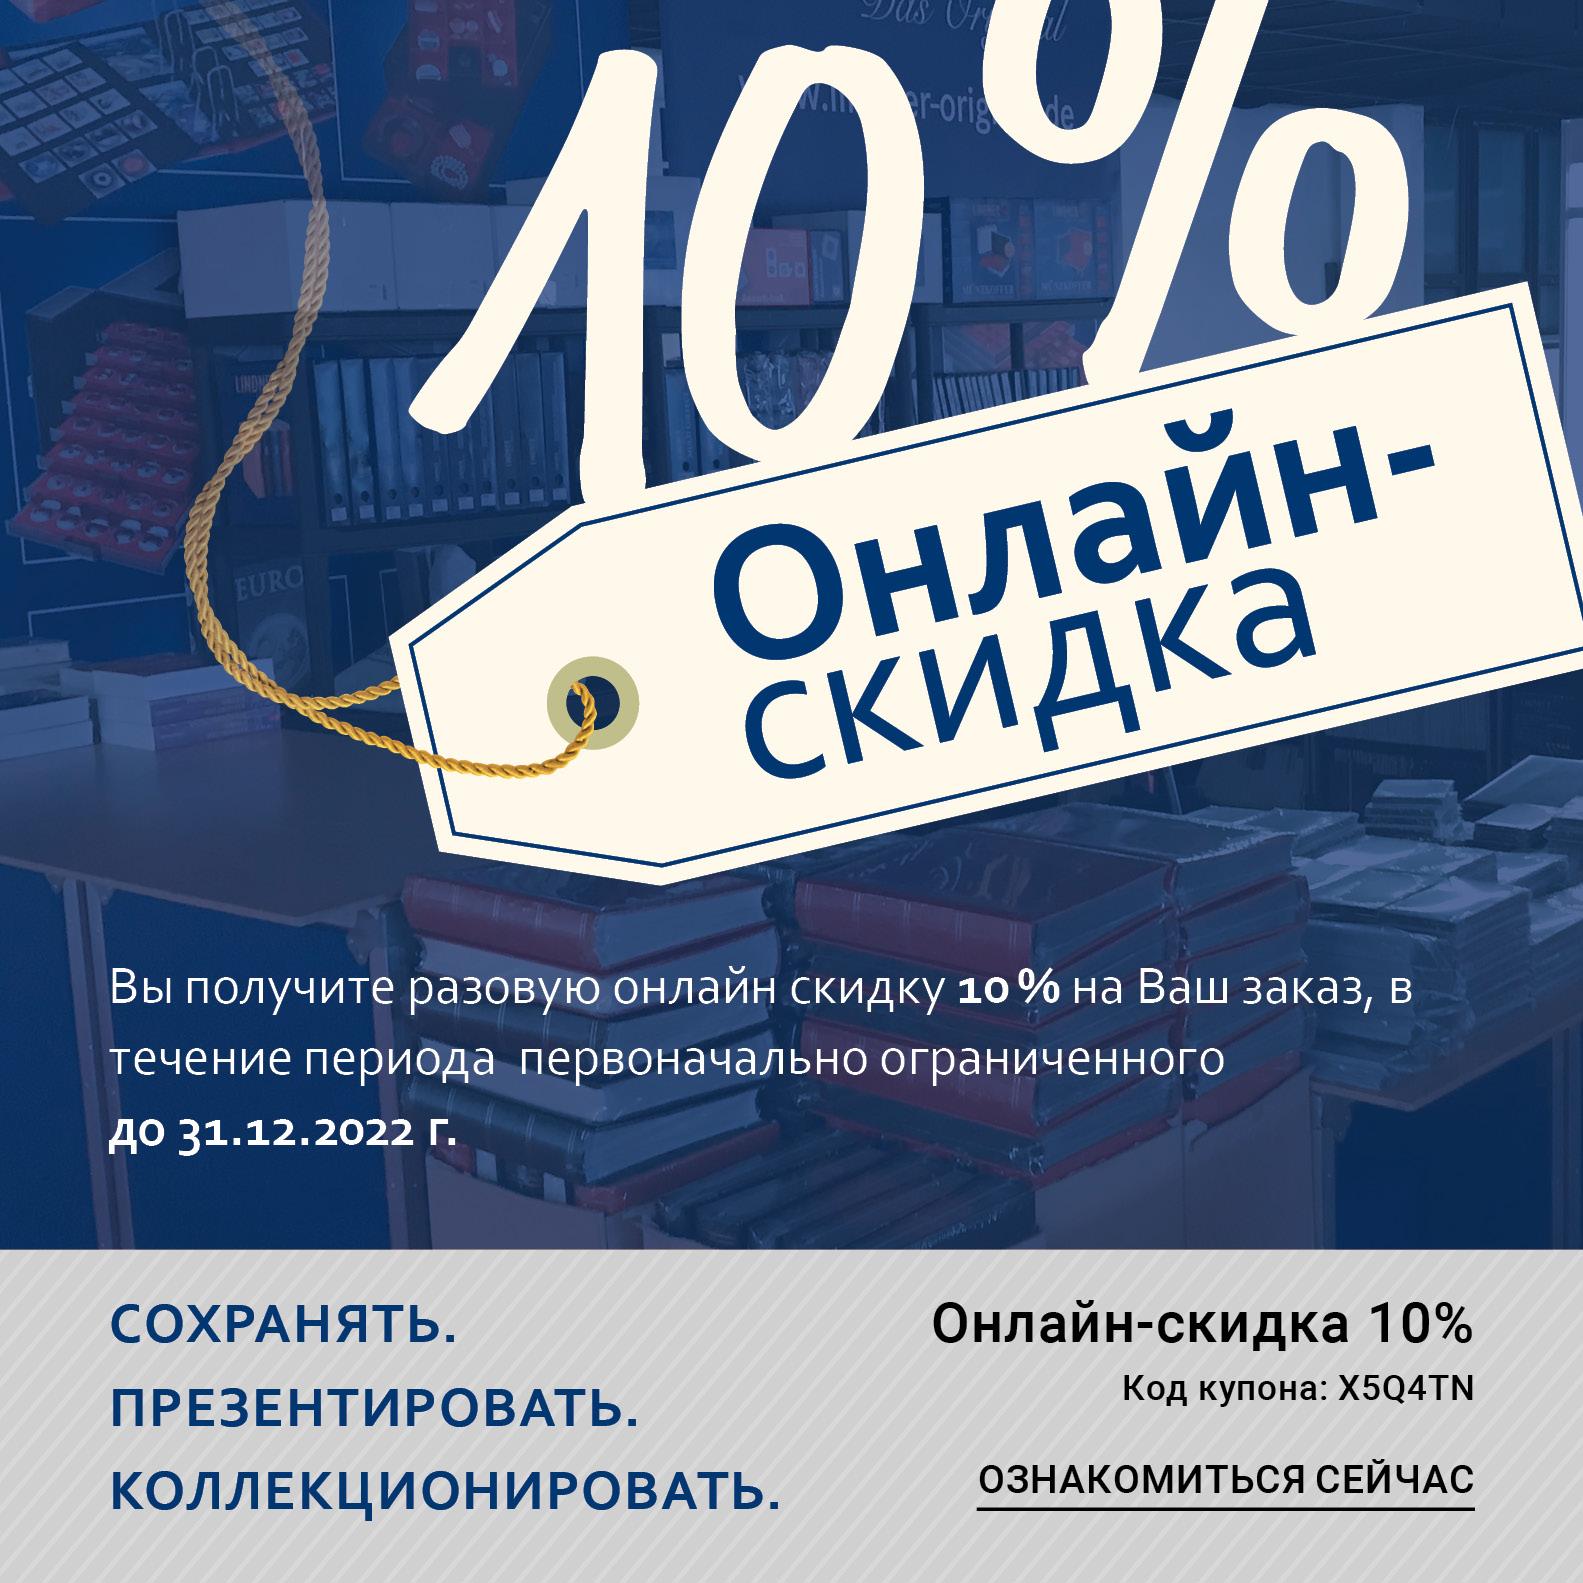 10% Онлайн-скидка